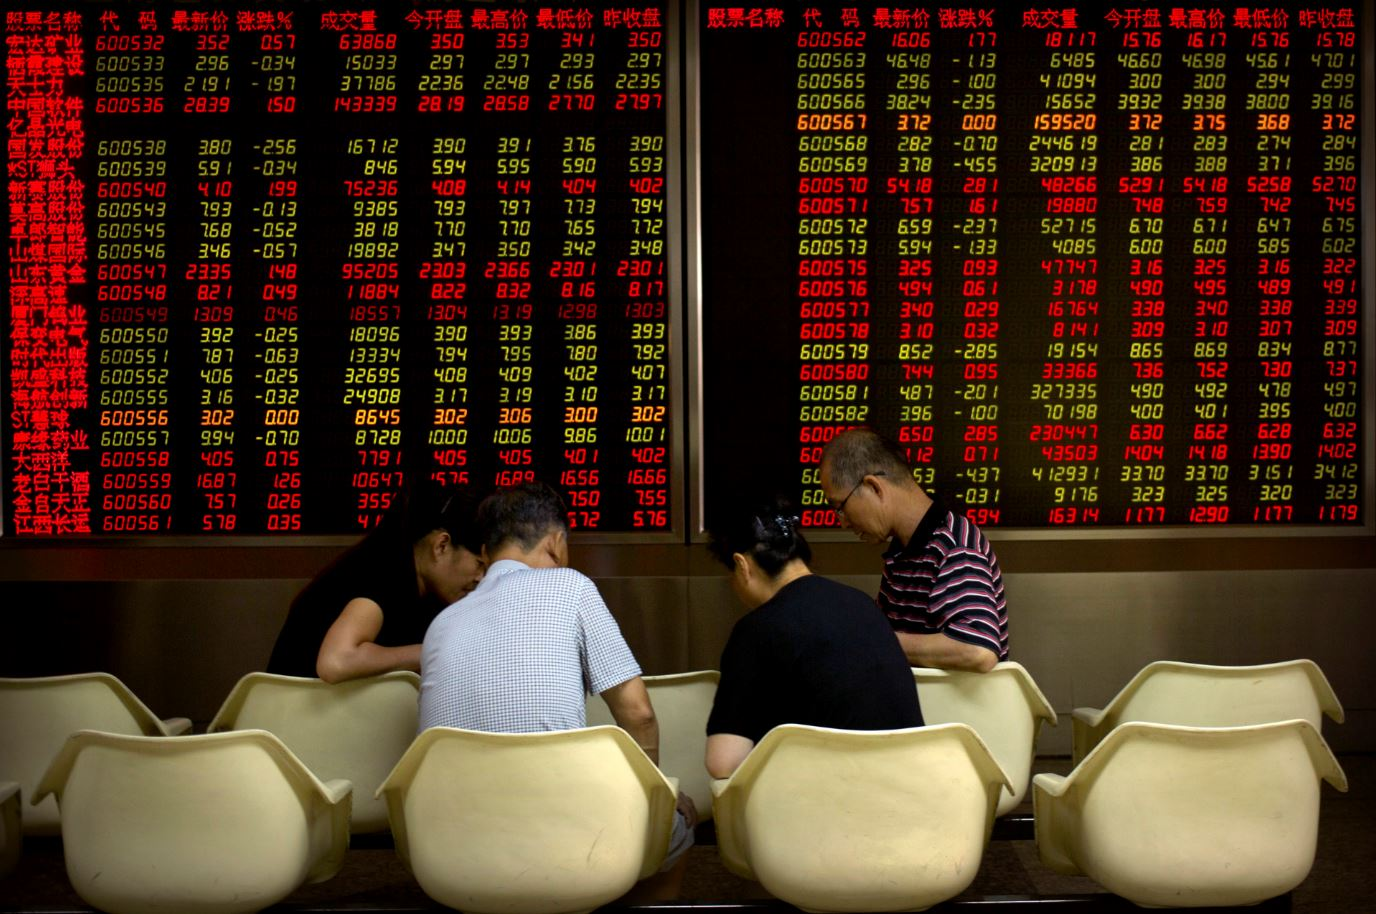 Bolsas de Tokio y China suben, esperan conversaciones con EU